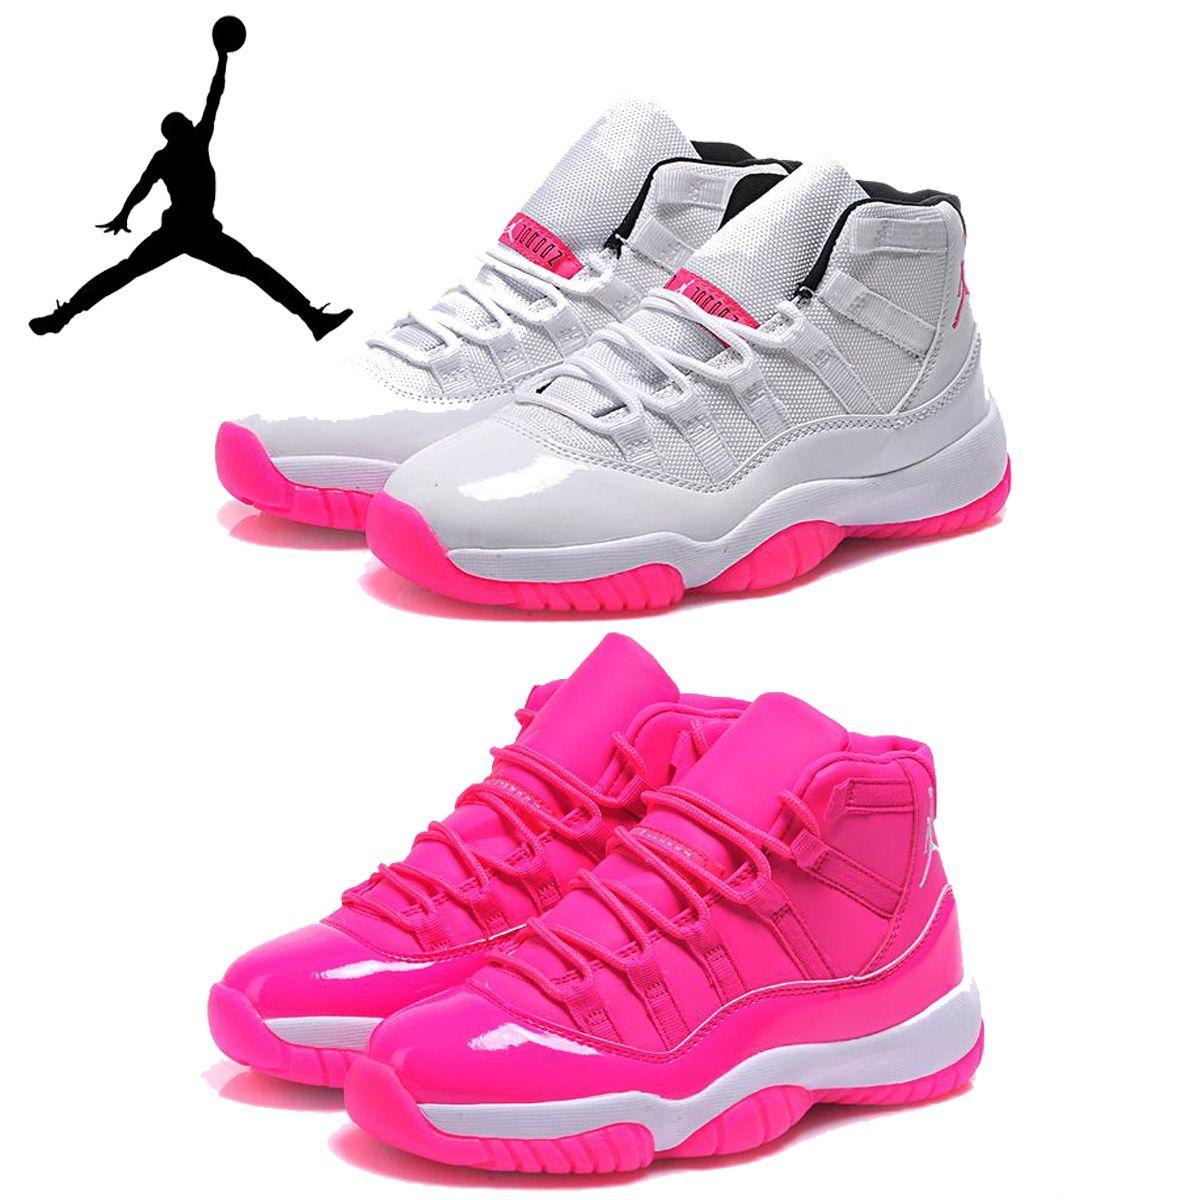 detailed look d900b 637f9 Compre Señora Nike Air Jordan 11 Zapatos De Baloncesto Para Mujer Retros Xi  Color De Rosa Caliente Del Zapato De Baloncesto De Chicas Calzado Deportivo  Gris ...